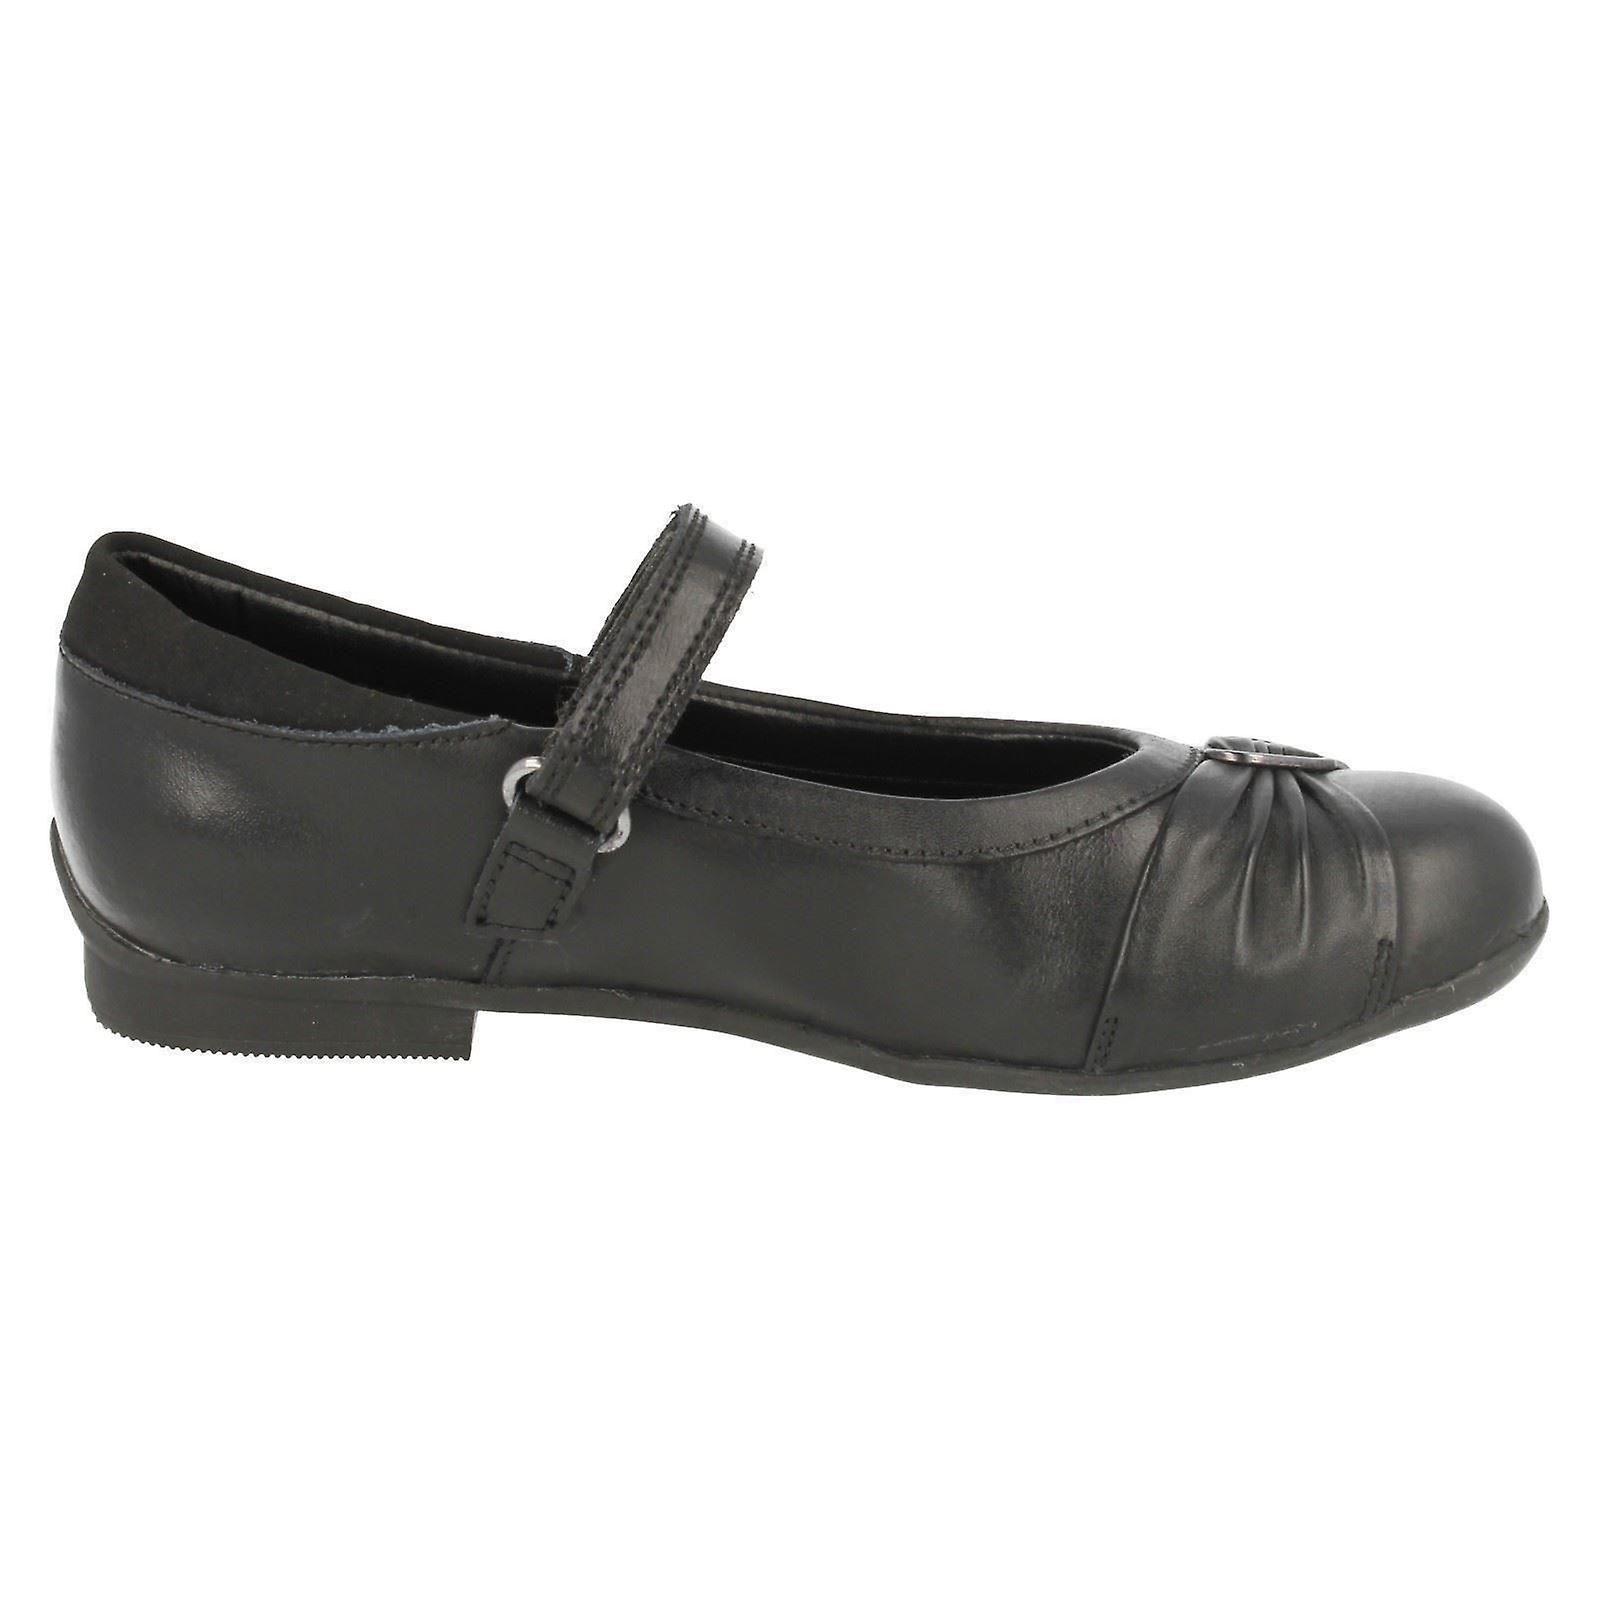 Meisjes Clarks schoenen van formele/School Dolly hart - Gratis verzending b9T41m